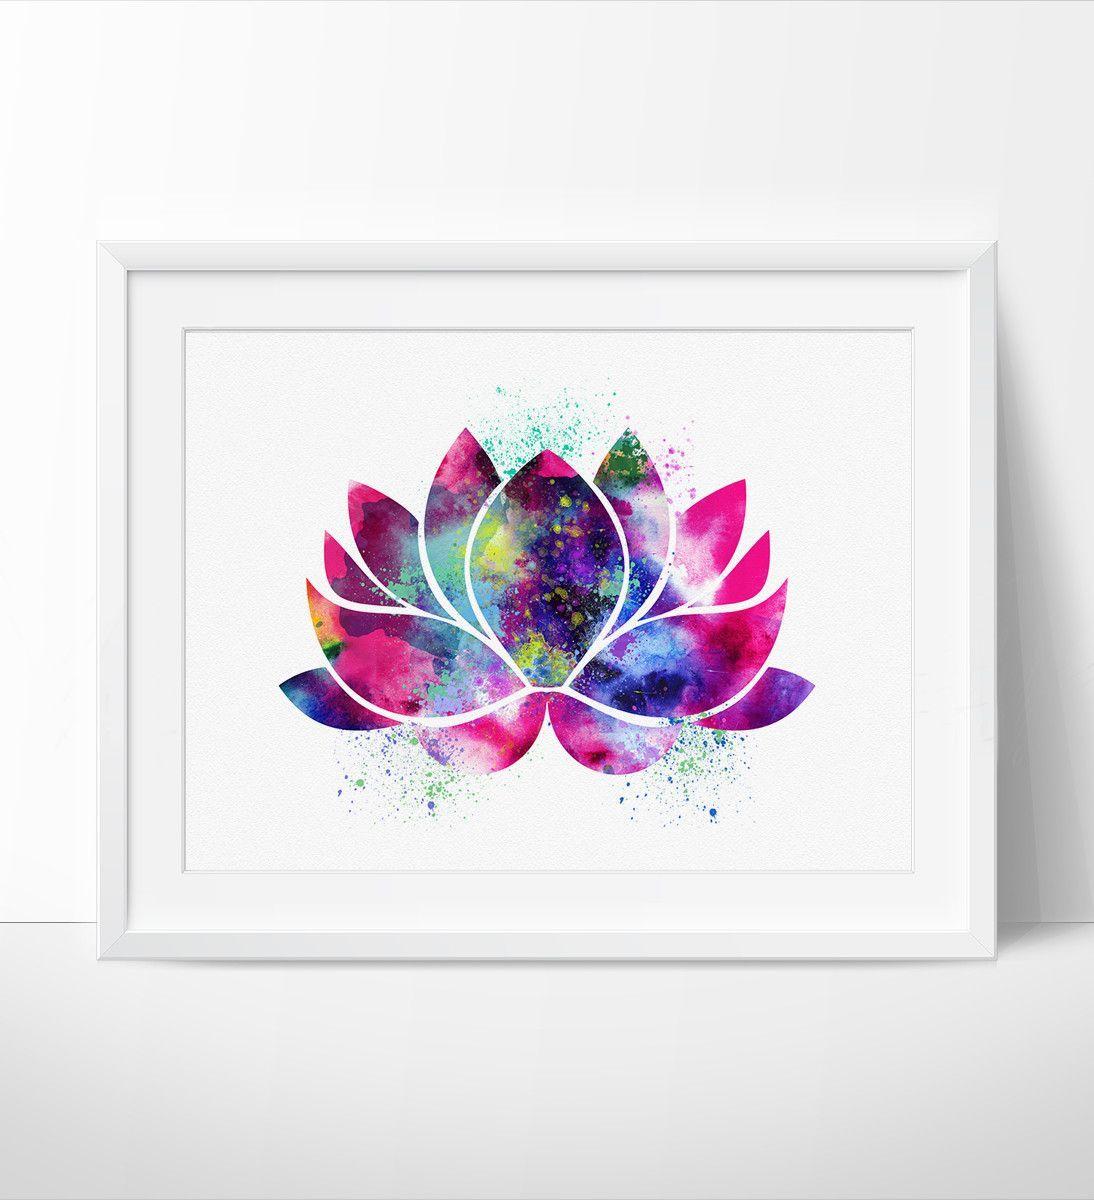 Lotus flower art yoga artwork lotus flower decor watercolor yoga lotus flower art yoga artwork lotus flower decor watercolor yoga art buddha artwall art print watercolor yoga poster 36 izmirmasajfo